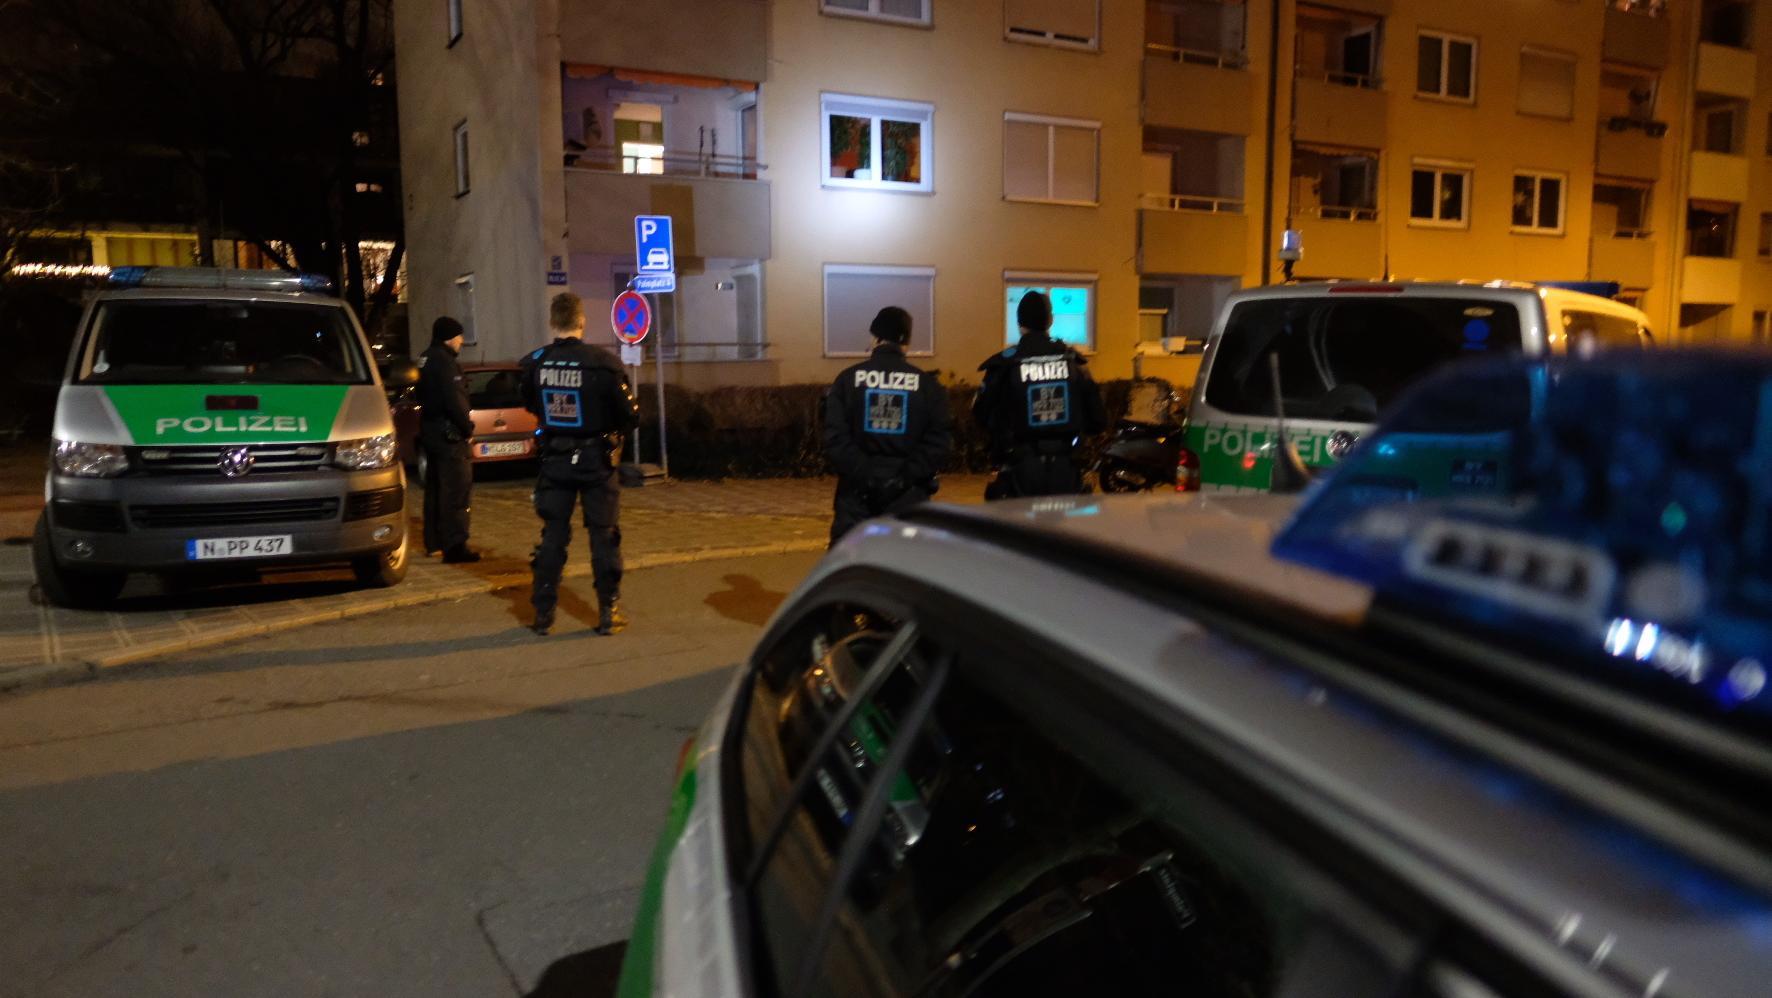 Großaufgebot der Polizei fahndet in Nürnberg nach Täter der Messerattacken